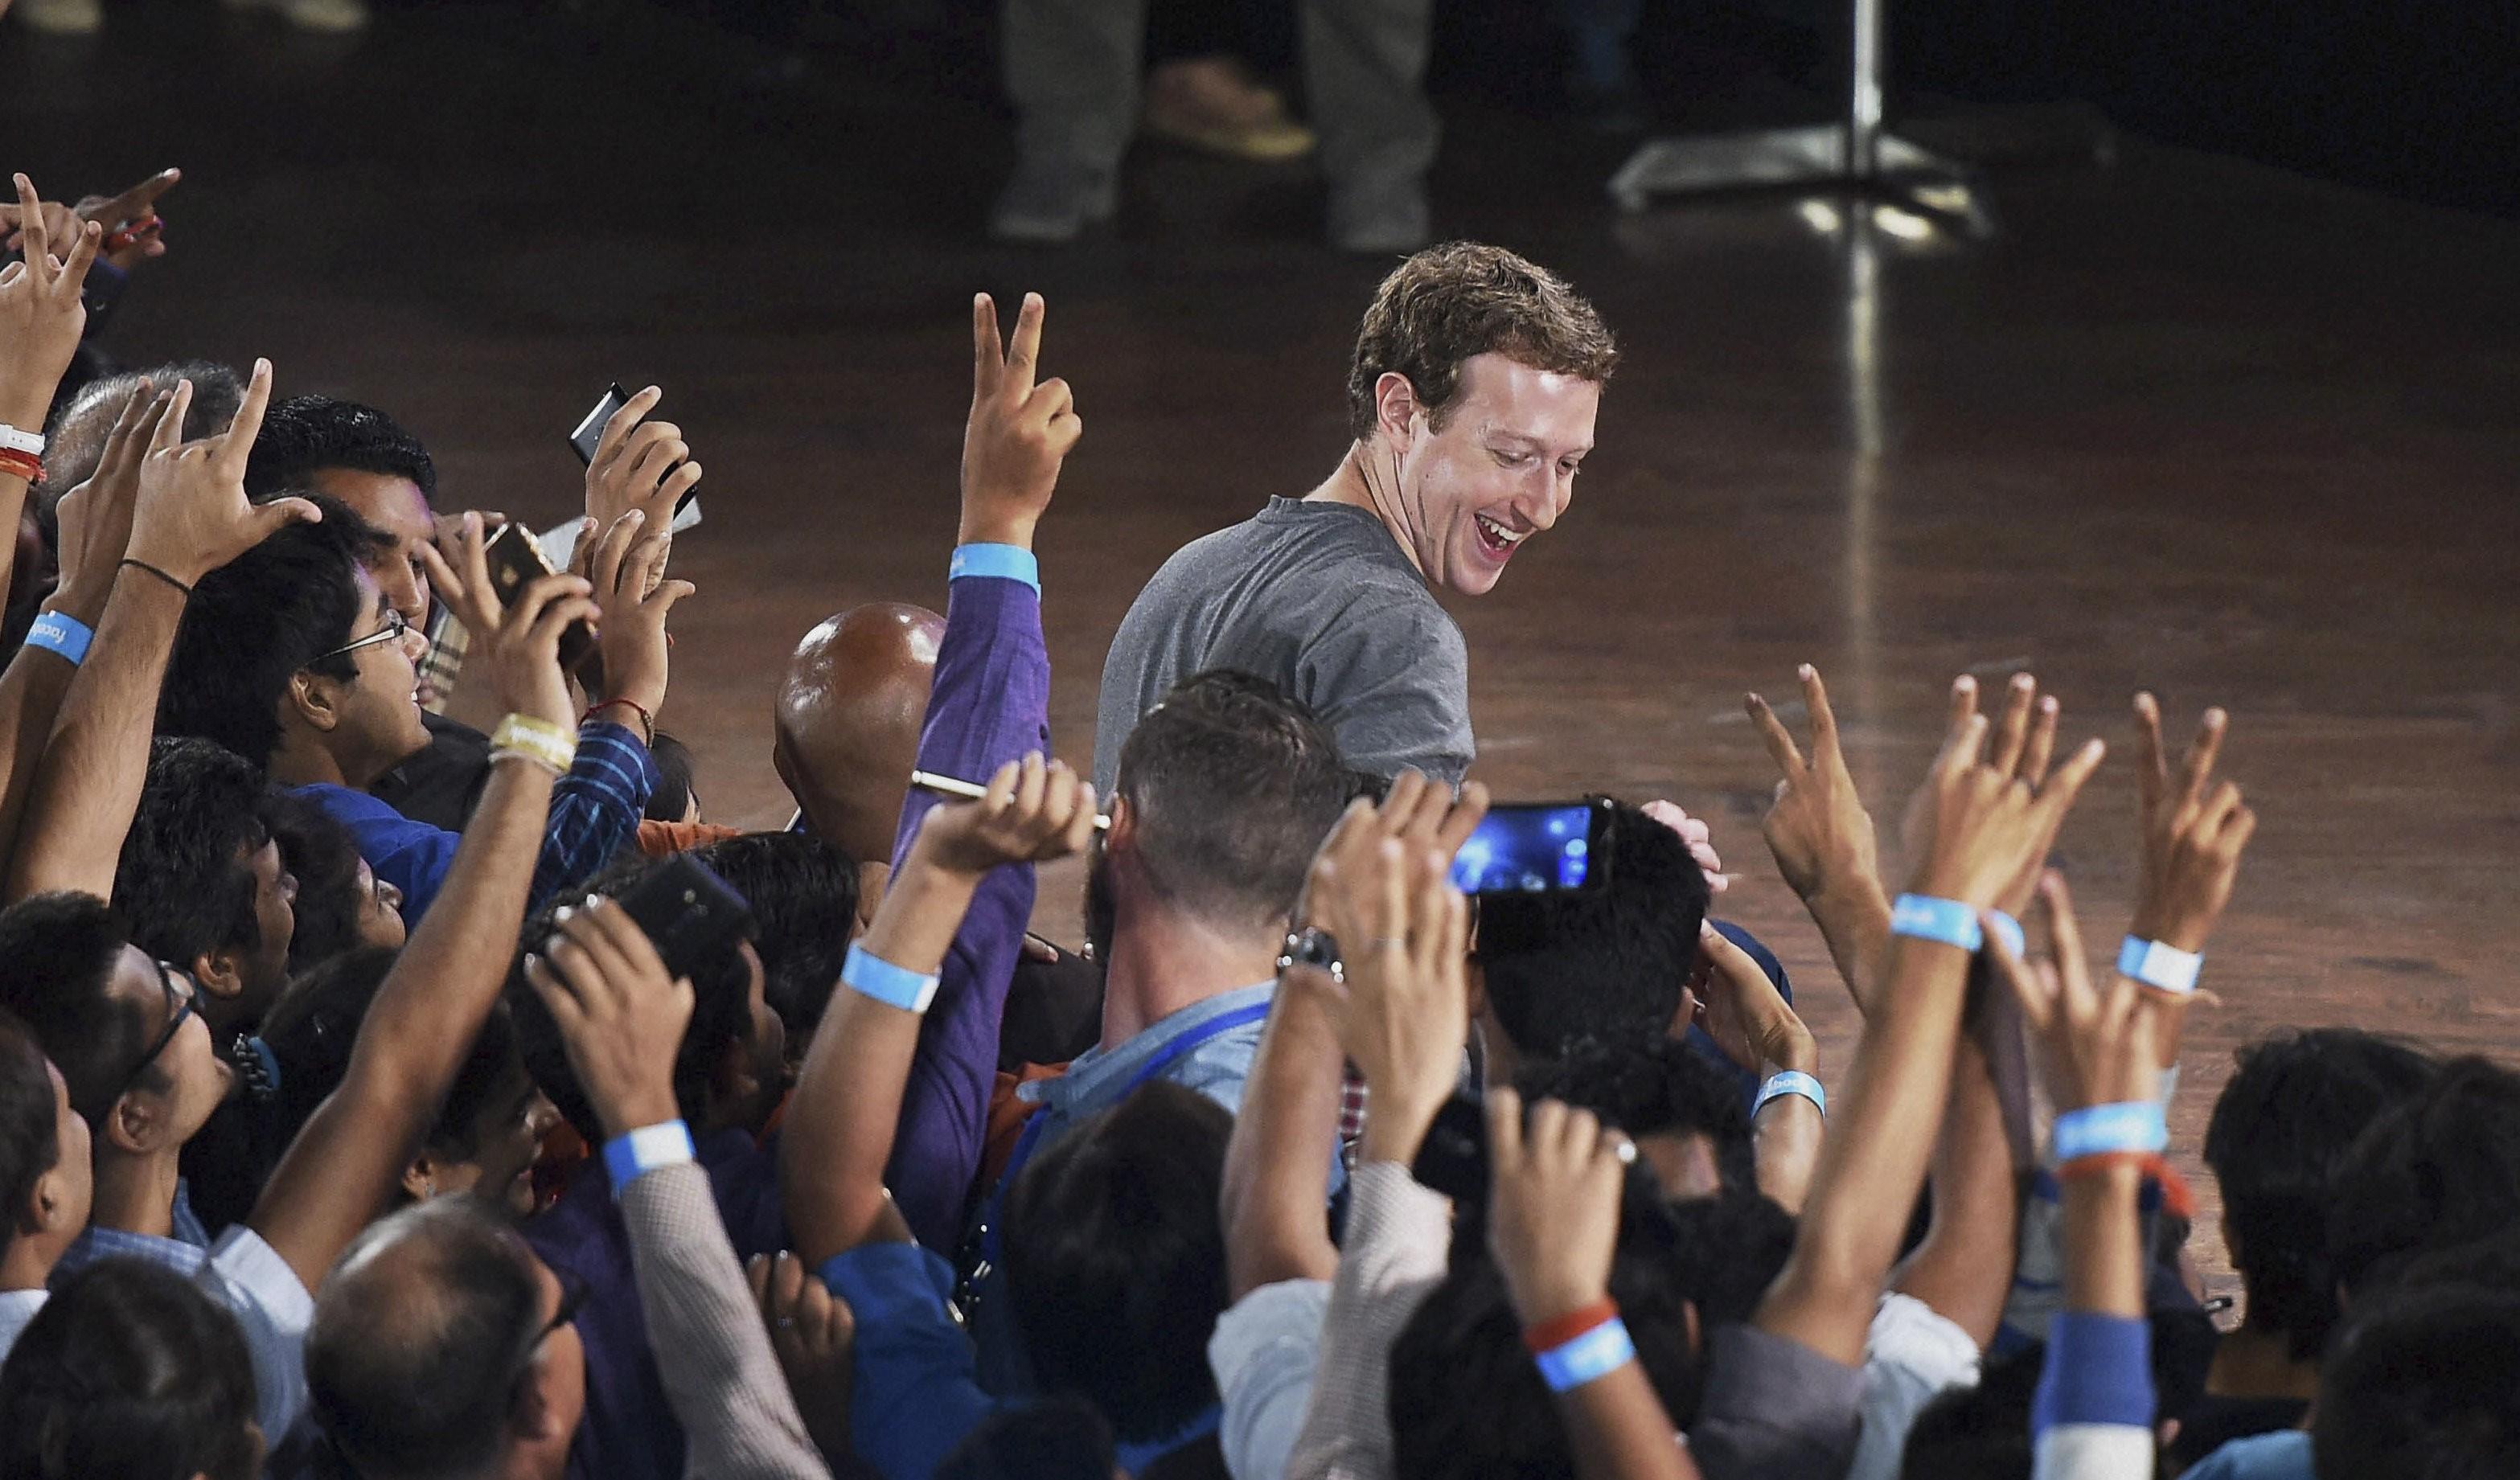 مؤسس فيسبوك، مارك زوكربرغ (أ ب)